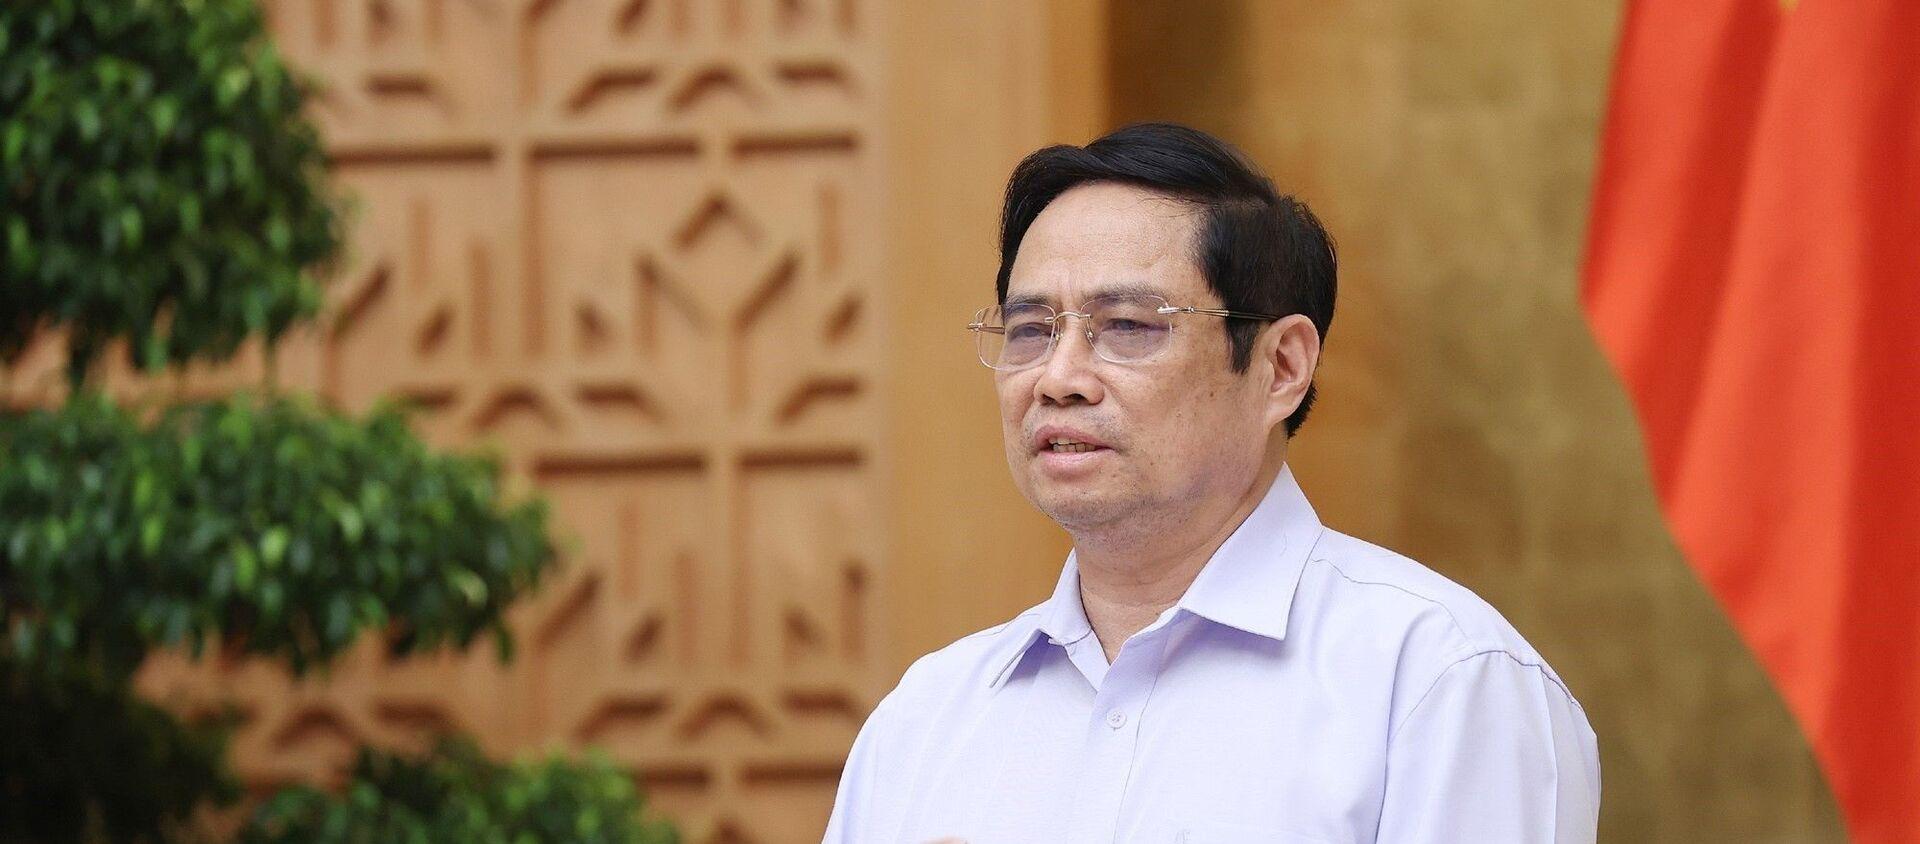 Thủ tướng Phạm Minh Chính phát biểu kết luận cuộc họp - Sputnik Việt Nam, 1920, 29.08.2021